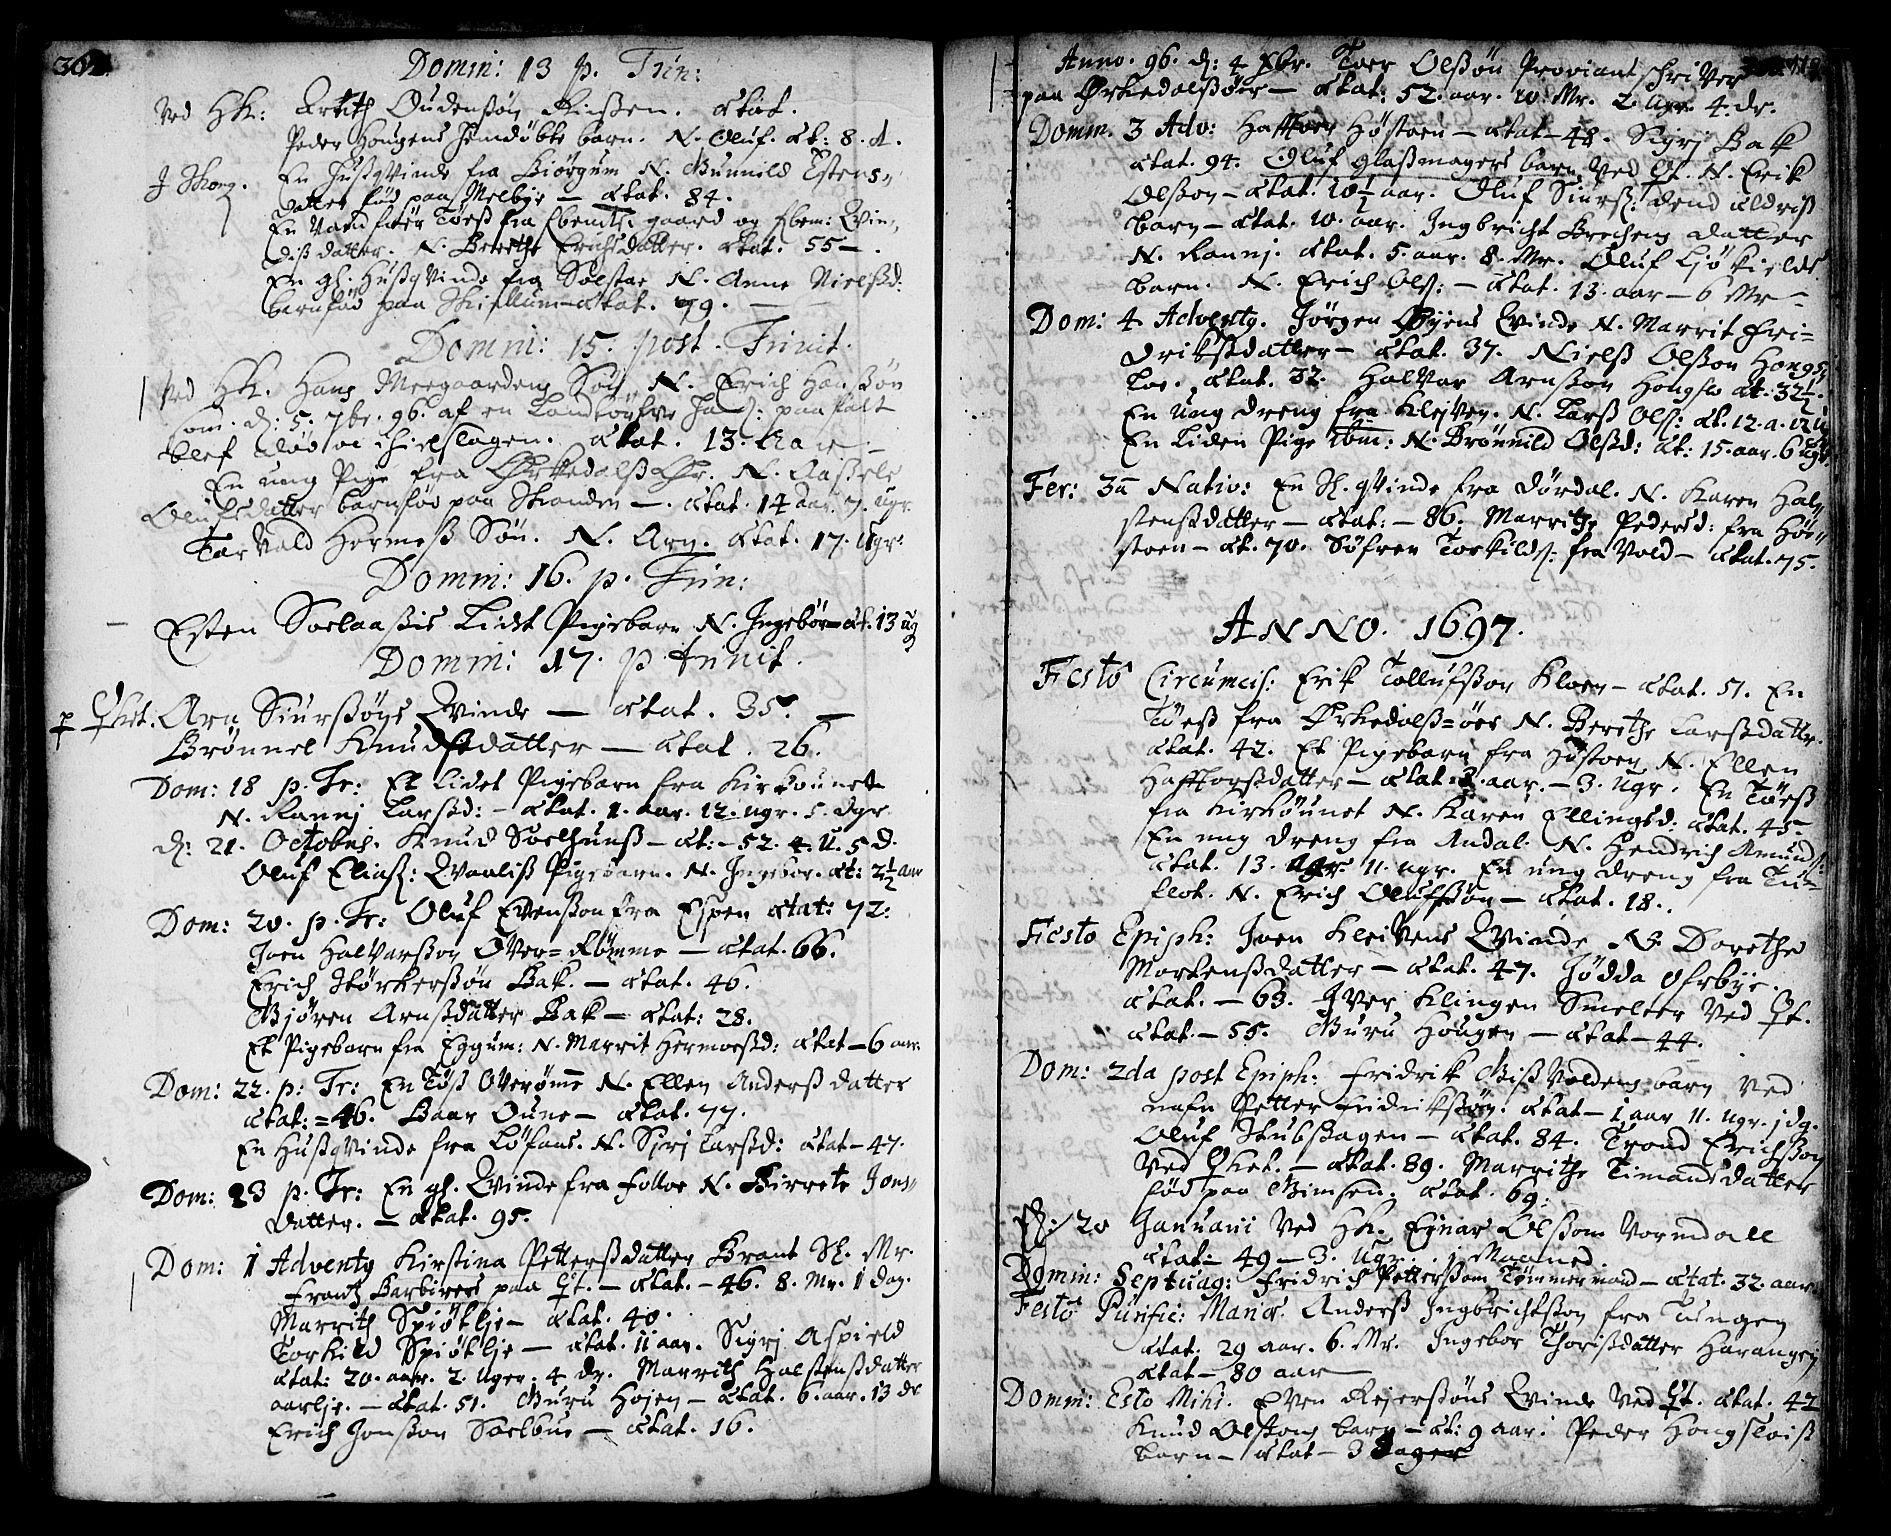 SAT, Ministerialprotokoller, klokkerbøker og fødselsregistre - Sør-Trøndelag, 668/L0801: Ministerialbok nr. 668A01, 1695-1716, s. 118-119